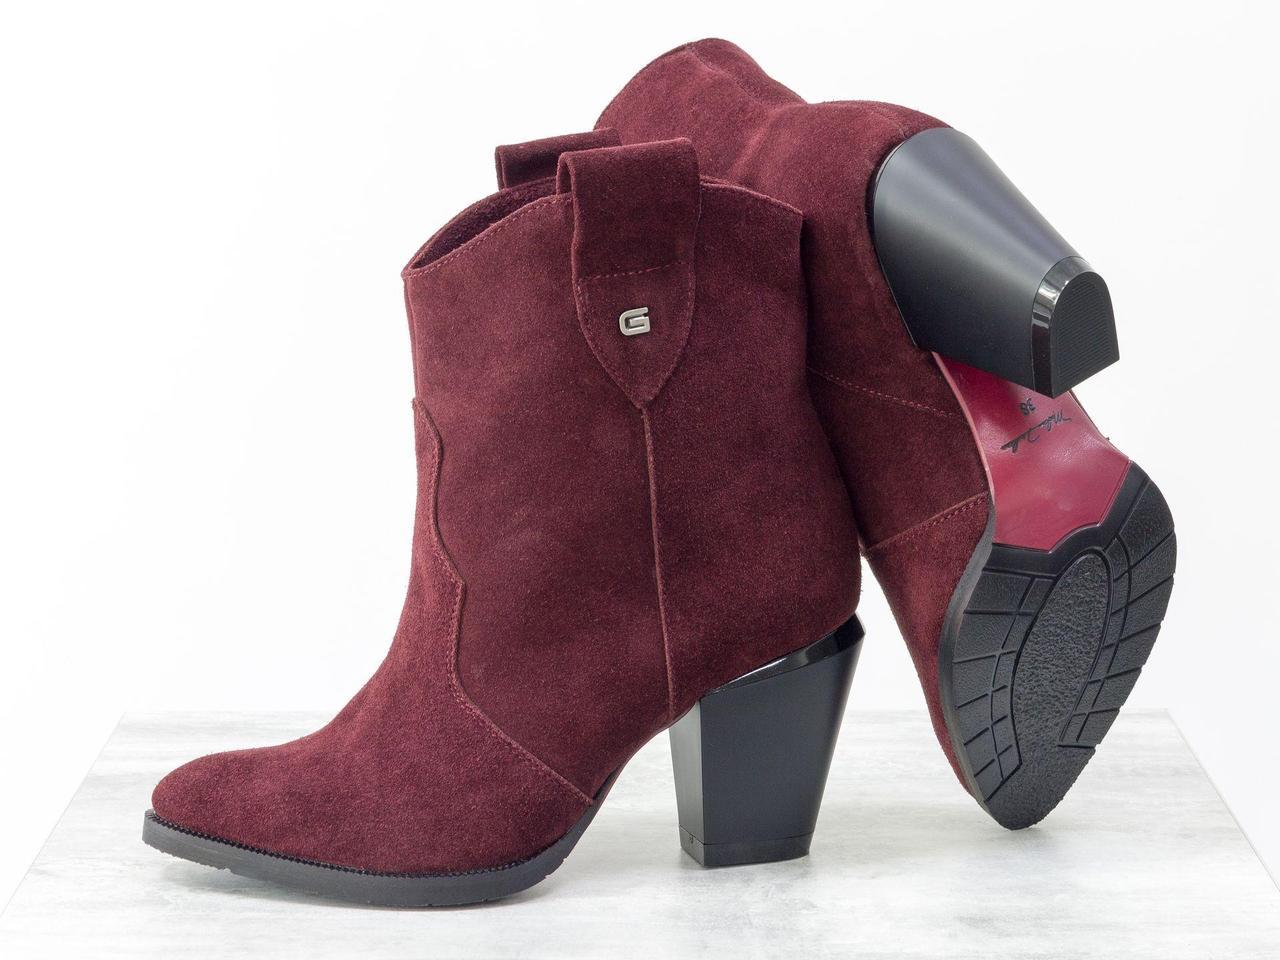 Невисокі чобітки козаки бордового кольору з м'якої замші